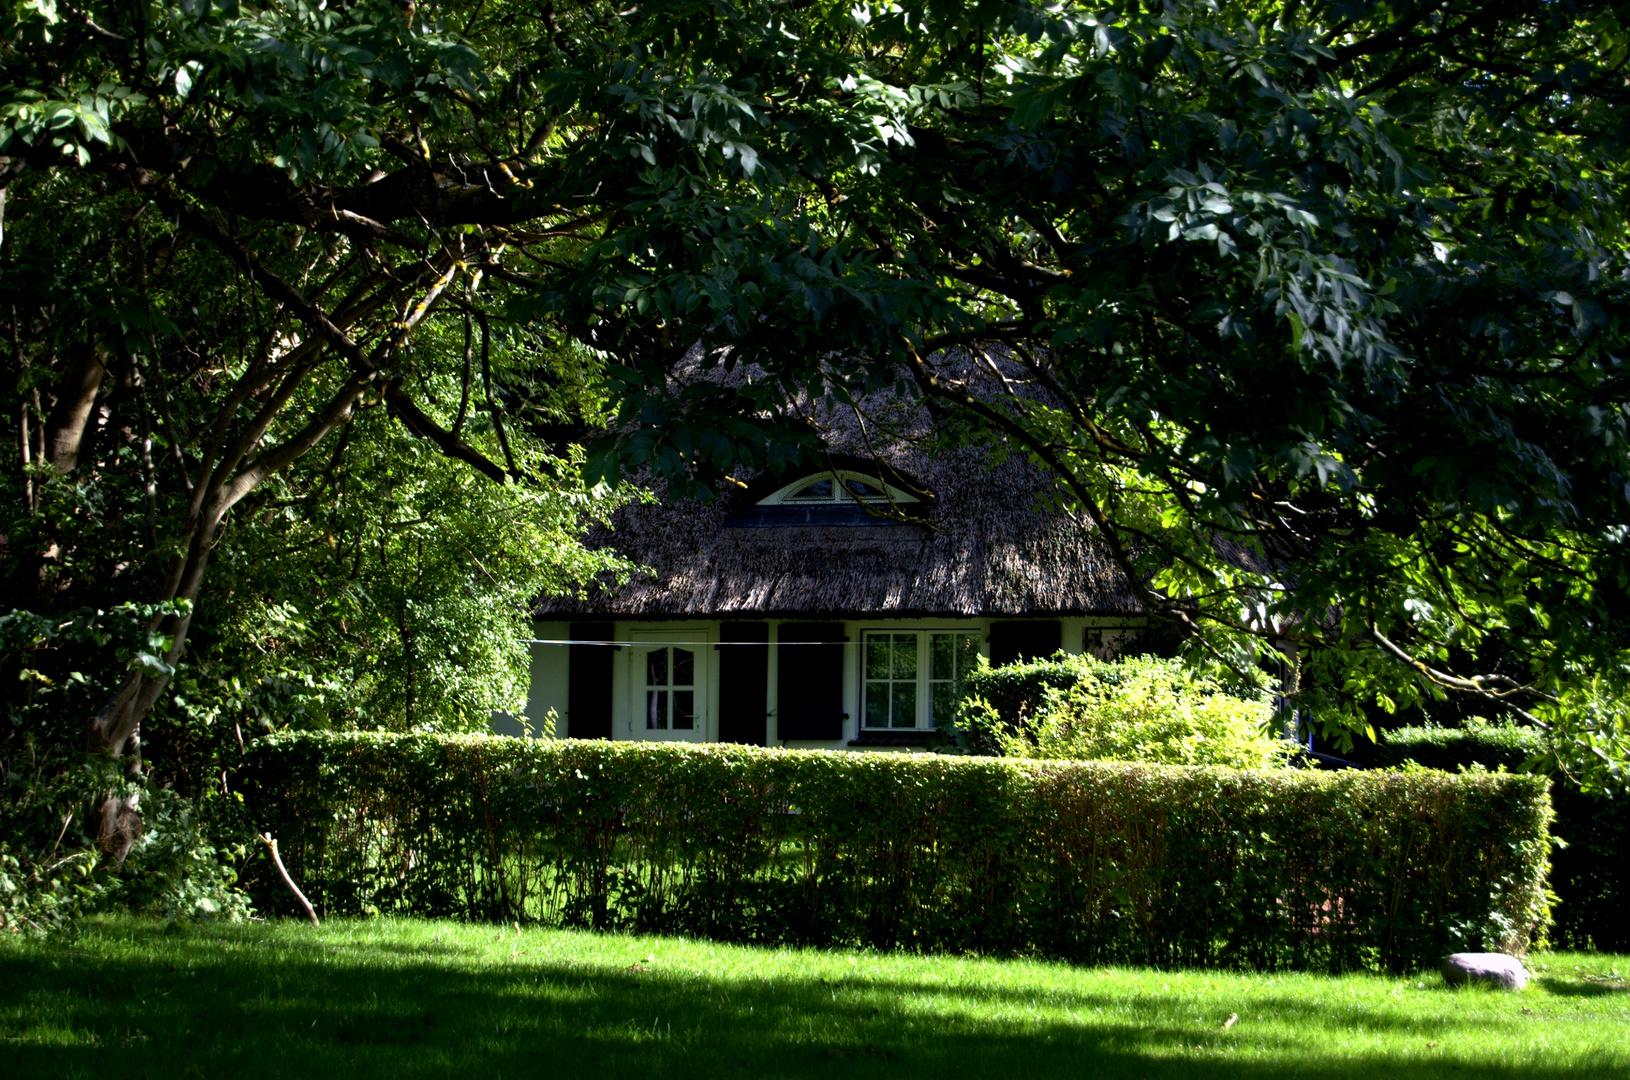 Das Haus spielt mit dem Schatten